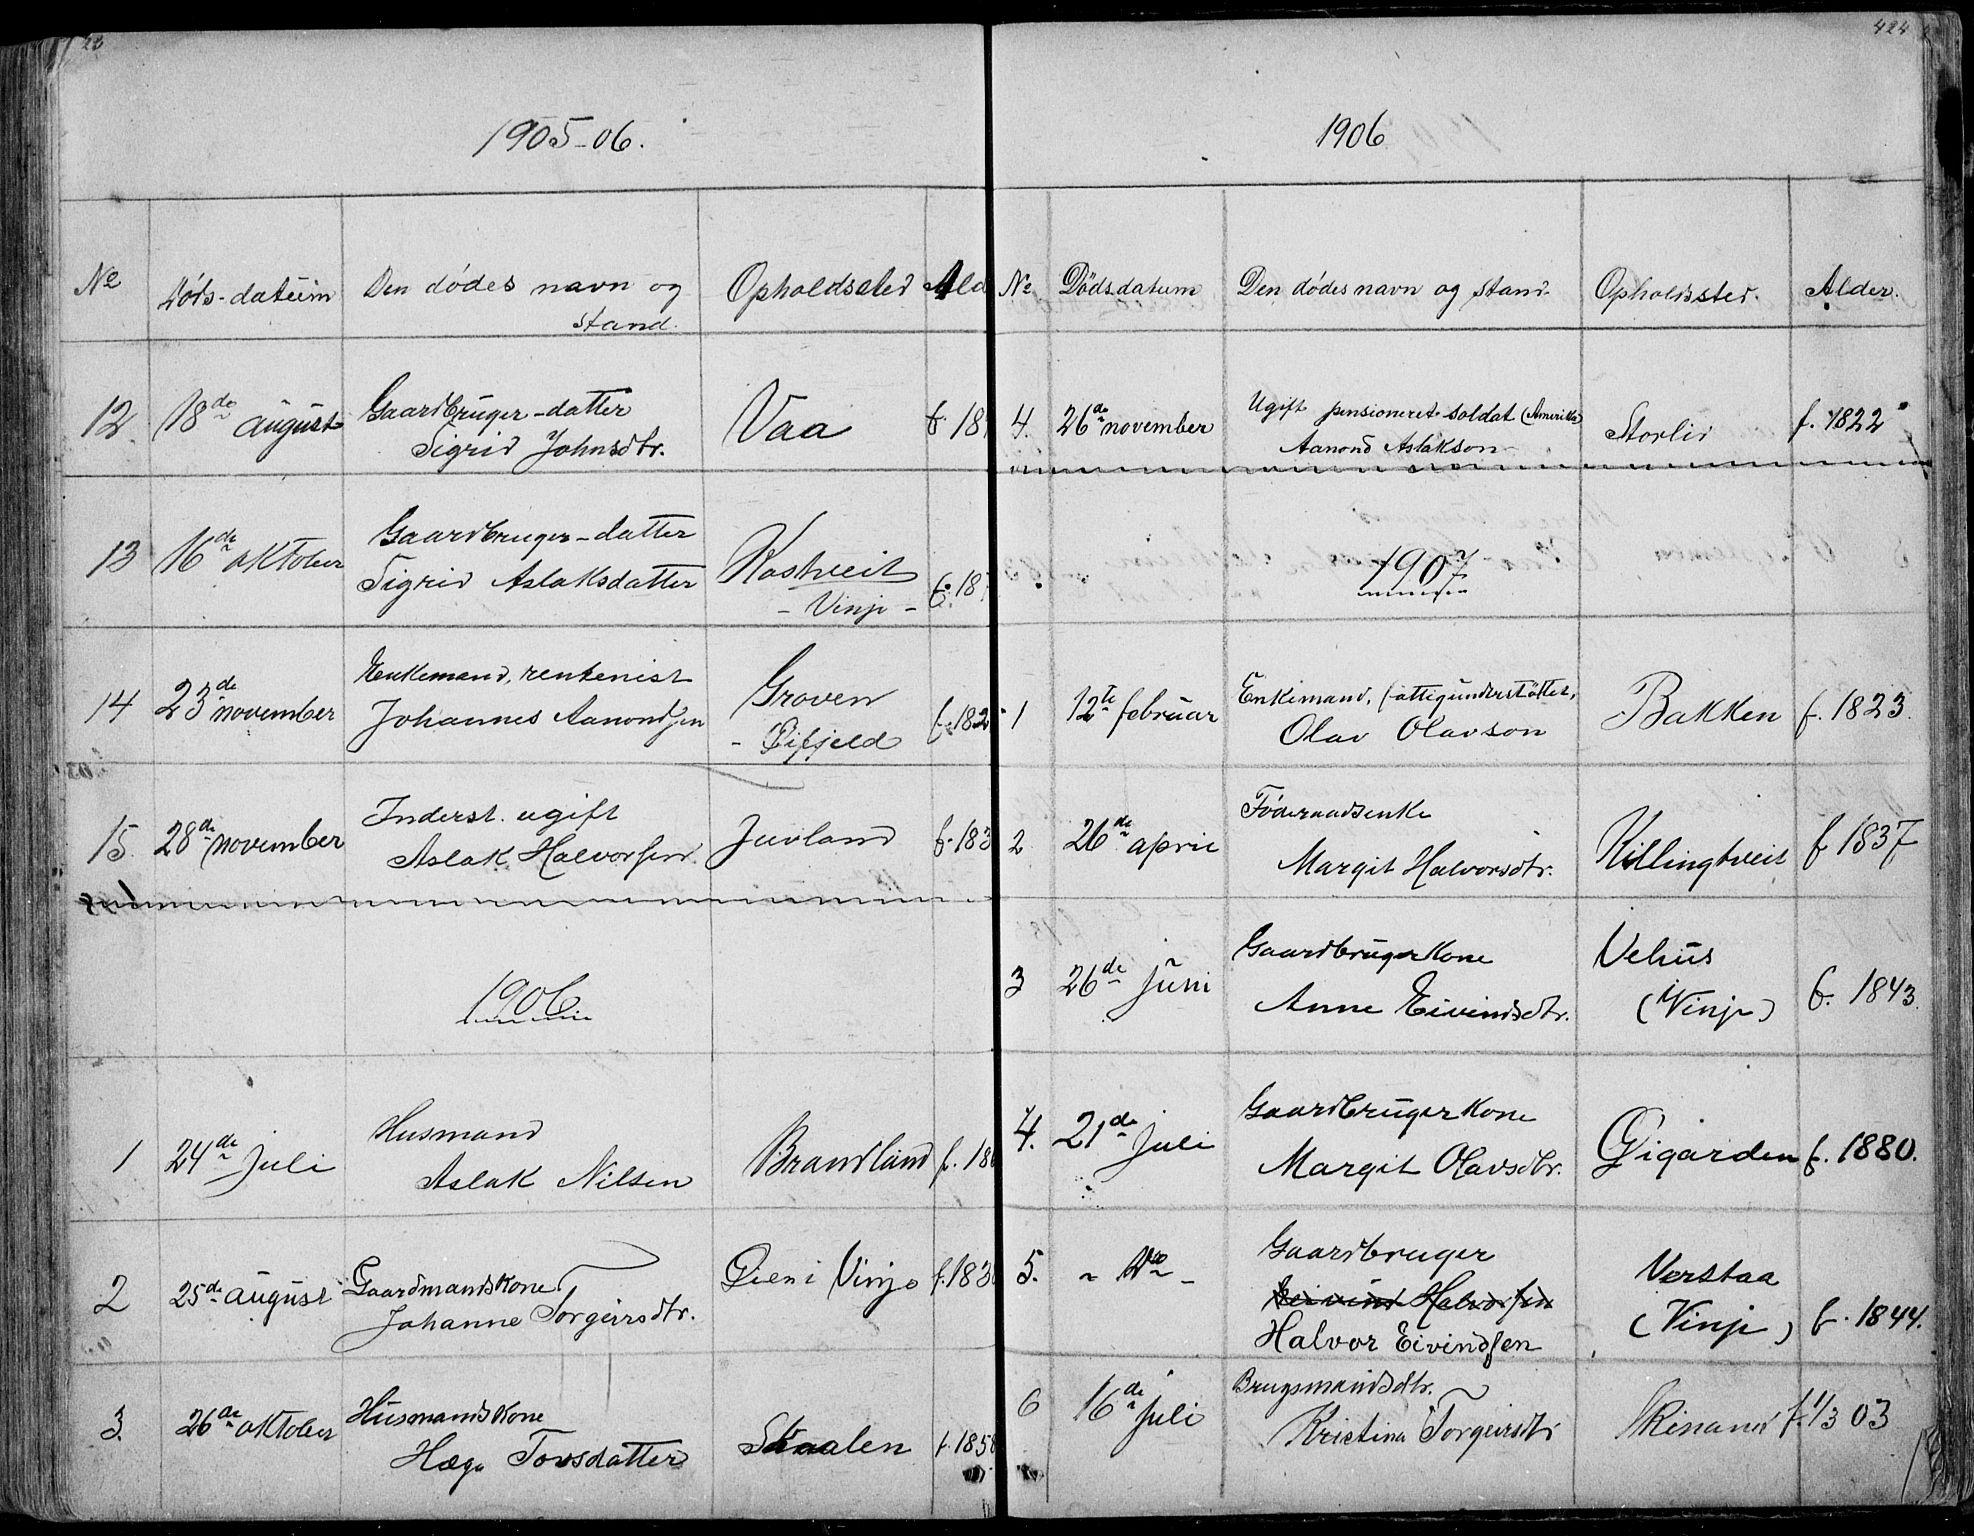 SAKO, Rauland kirkebøker, G/Ga/L0002: Klokkerbok nr. I 2, 1849-1935, s. 423-424